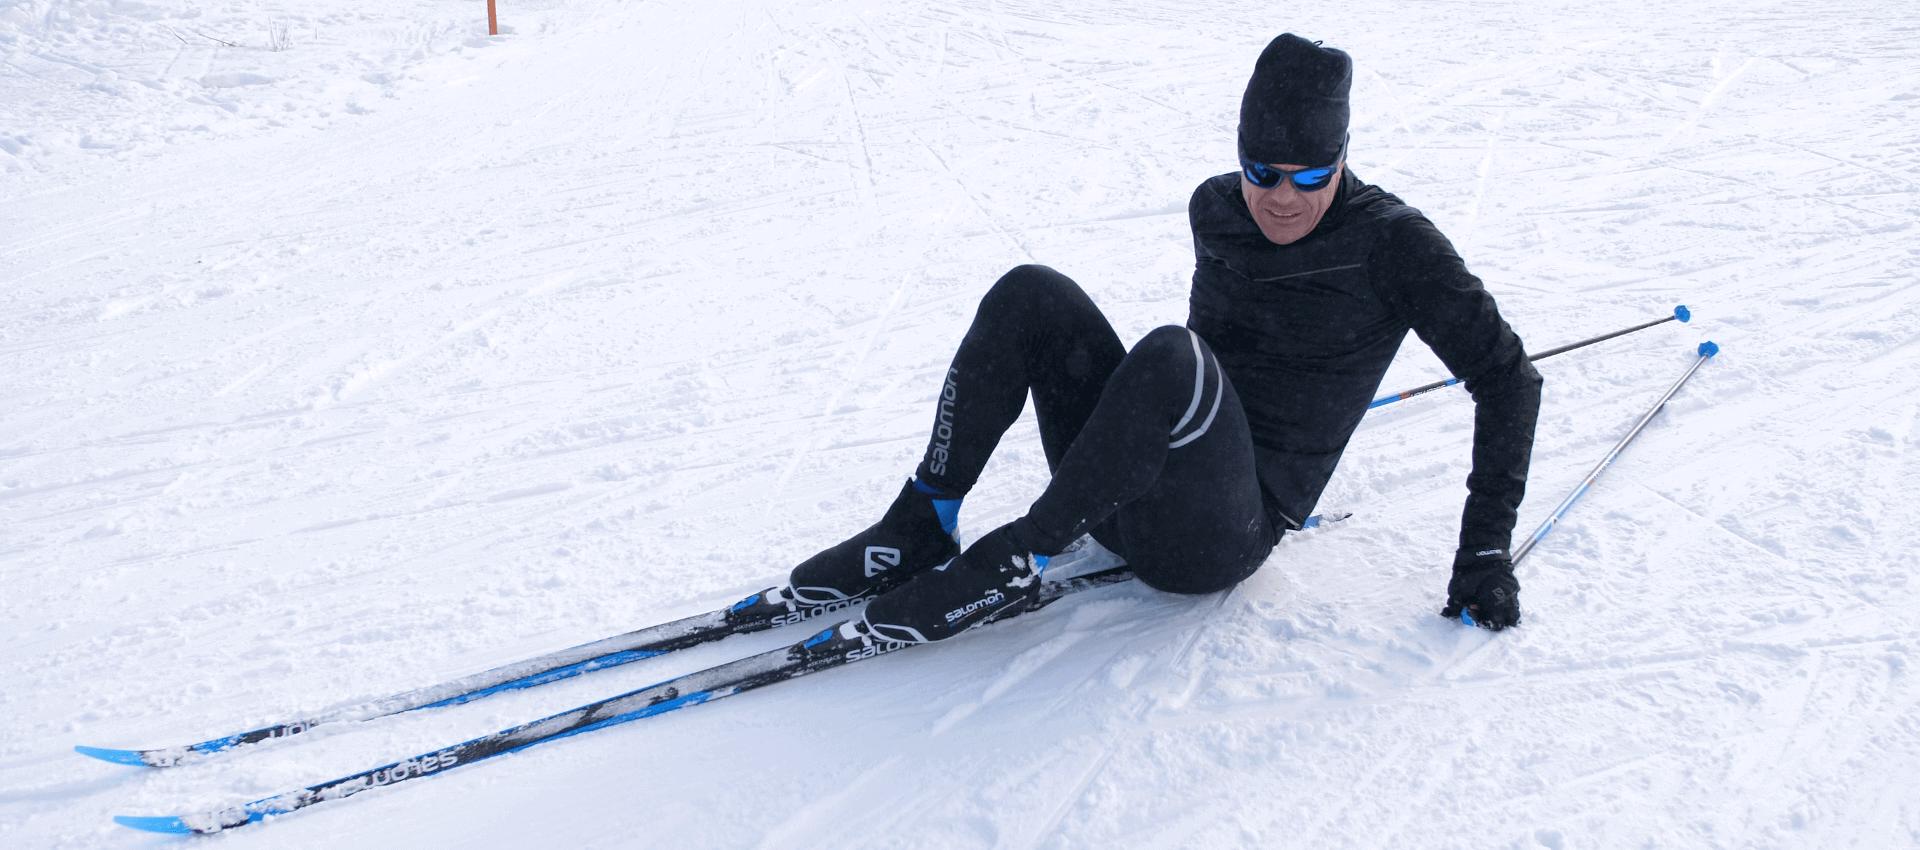 Comment se relever en ski de fond après une chute ?